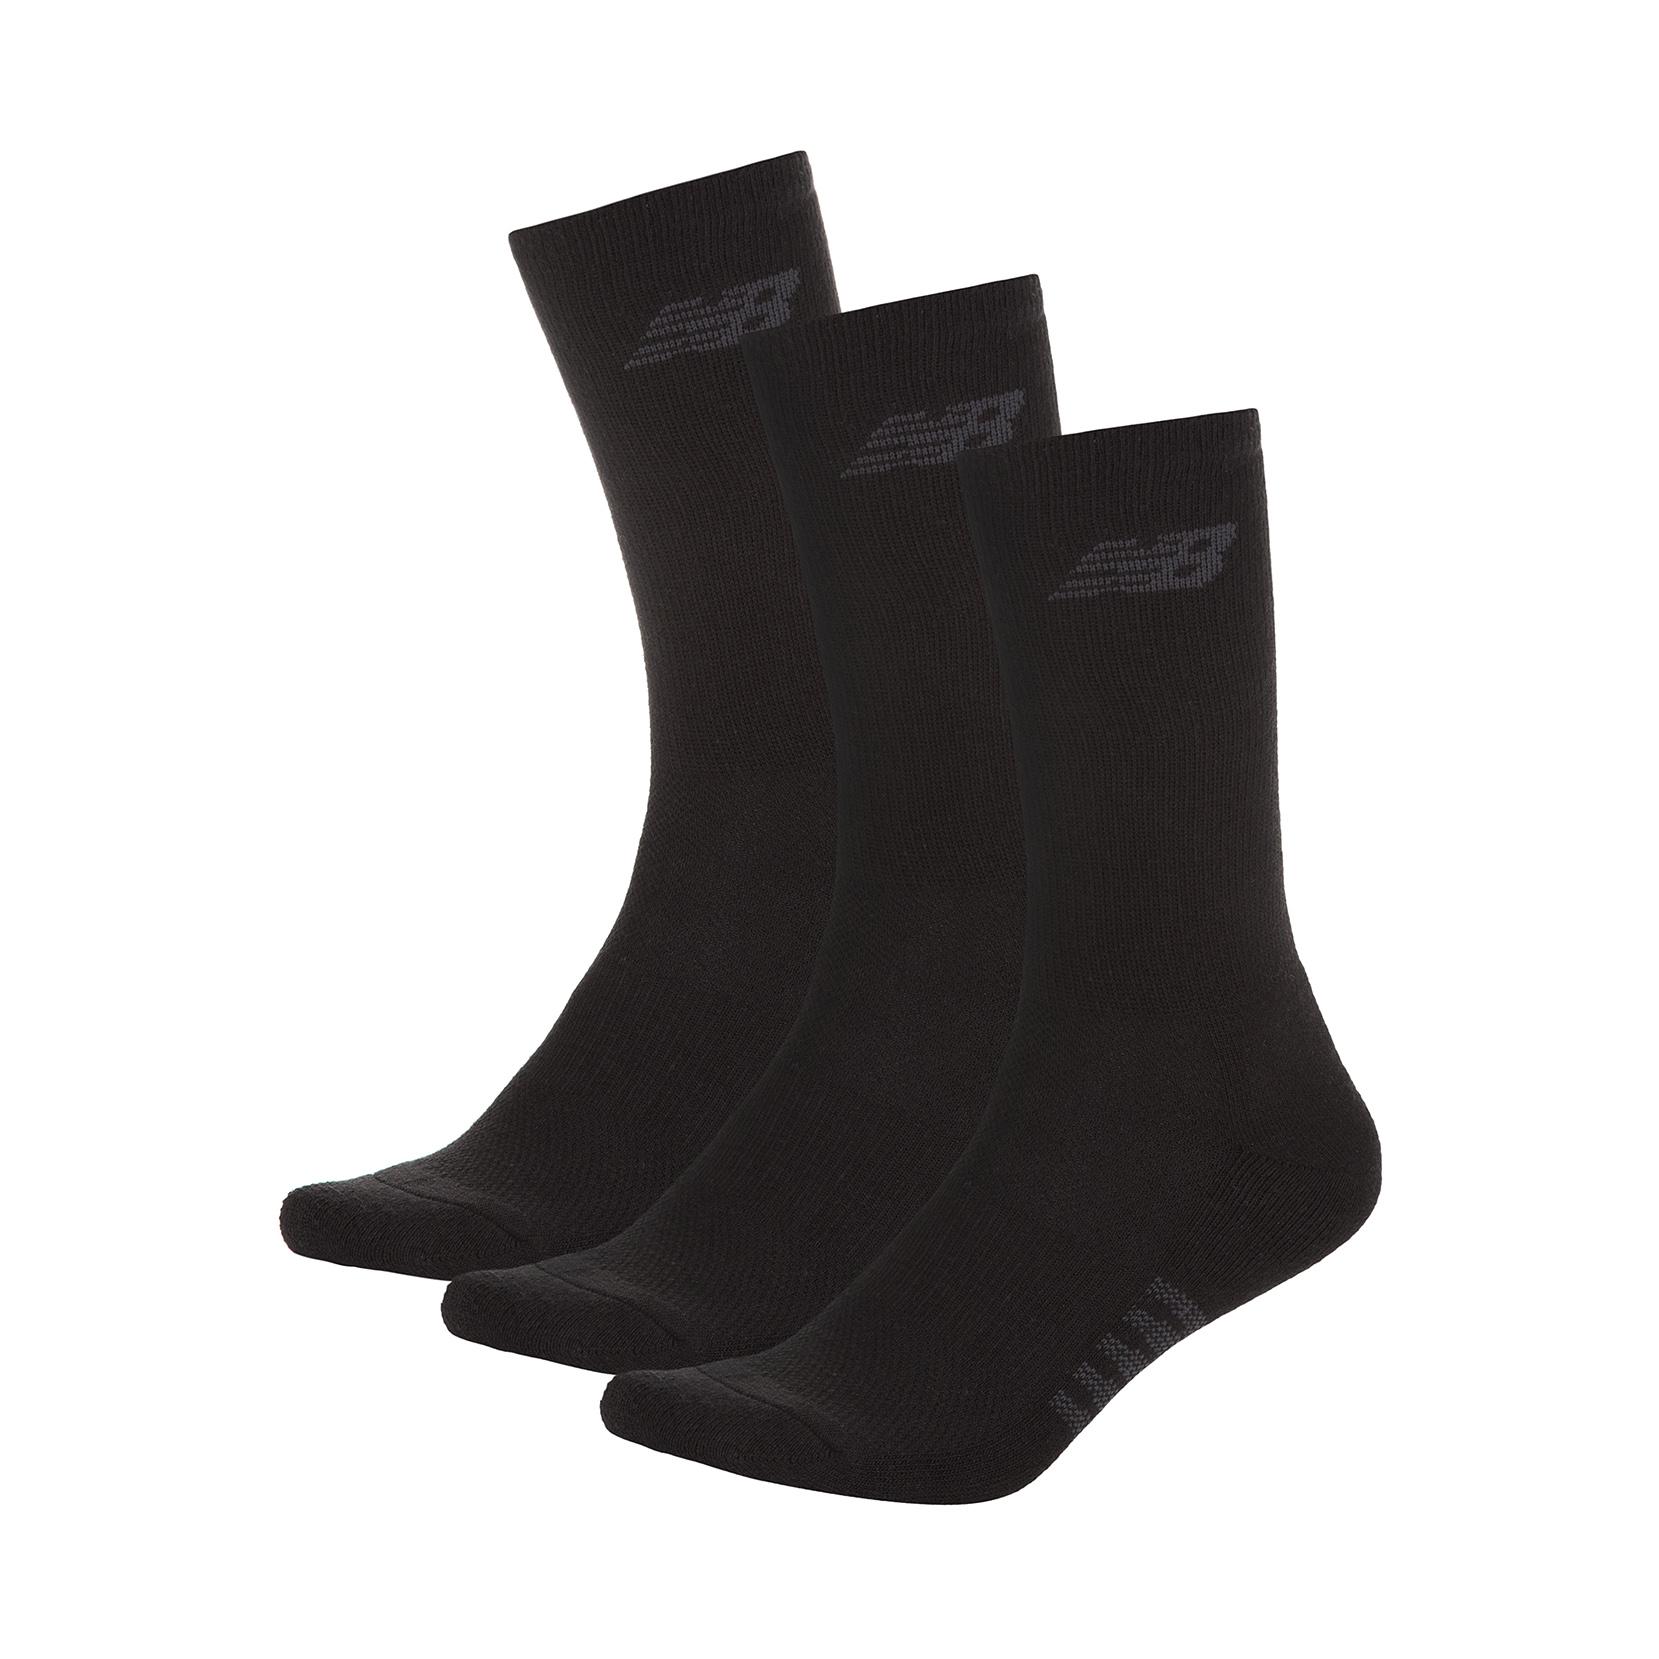 Шкарпетки Cushioned Crew (3 пари) N626-3EU_BLK | New Balance